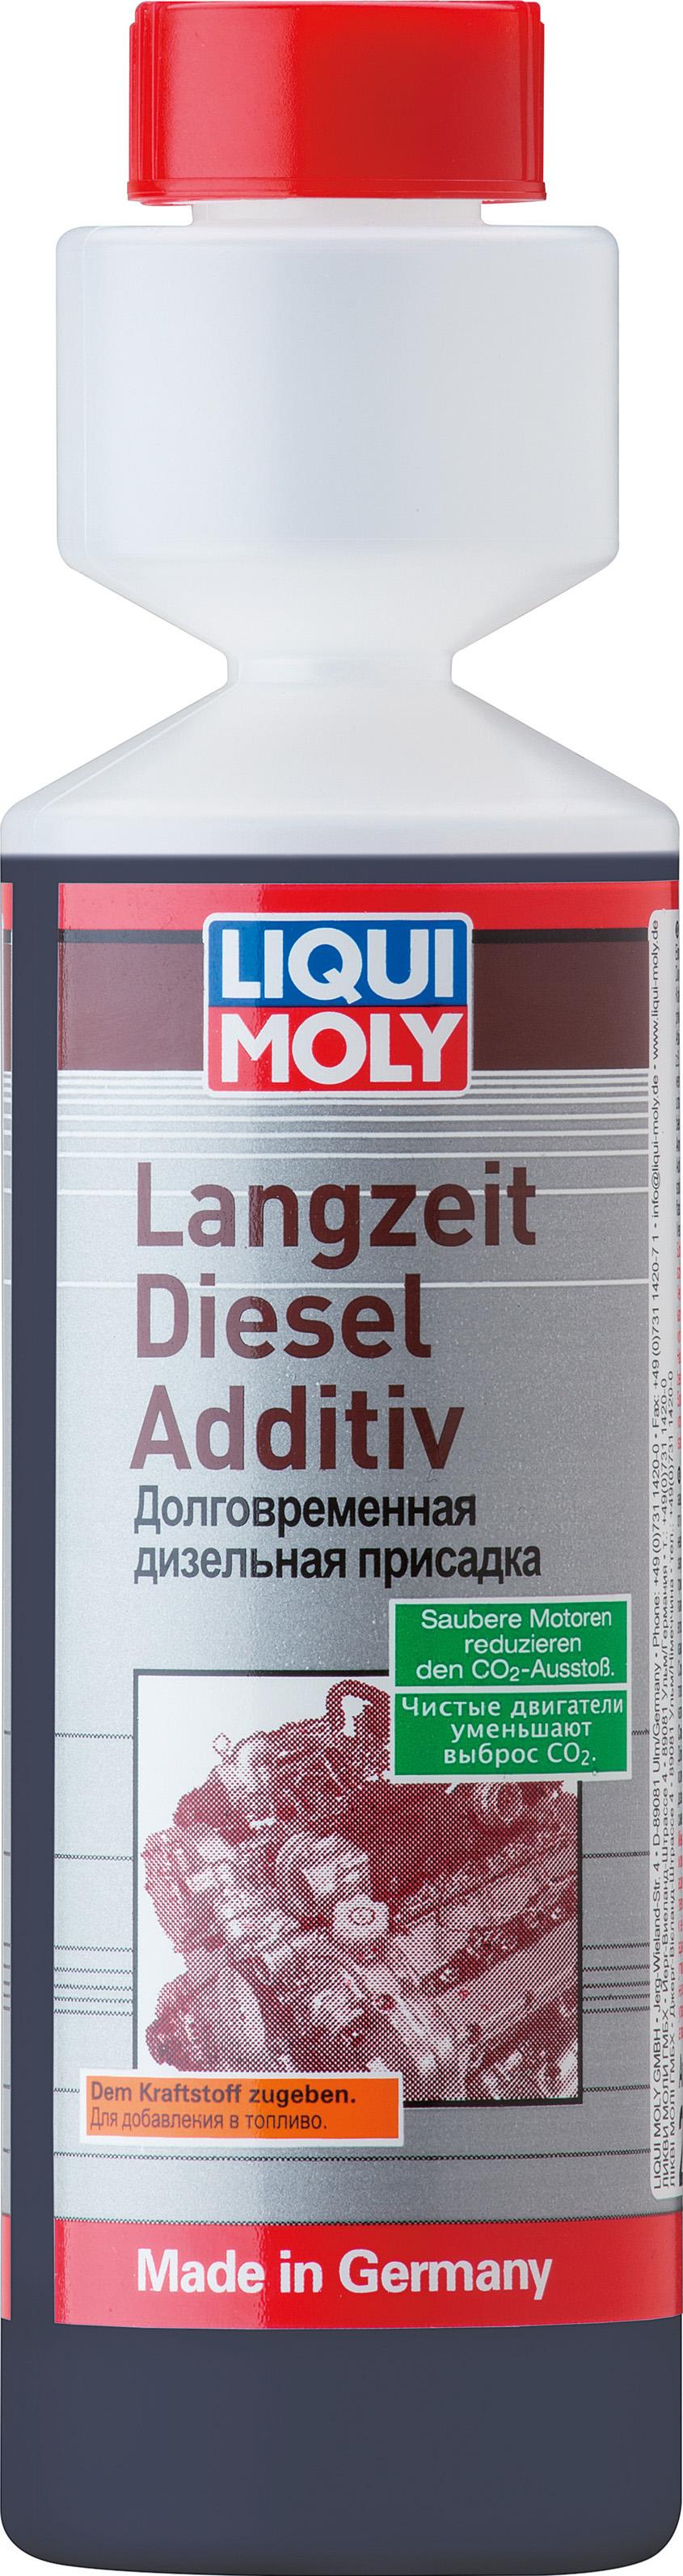 Долговременная дизельная присадка Langzeit Diesel Additiv